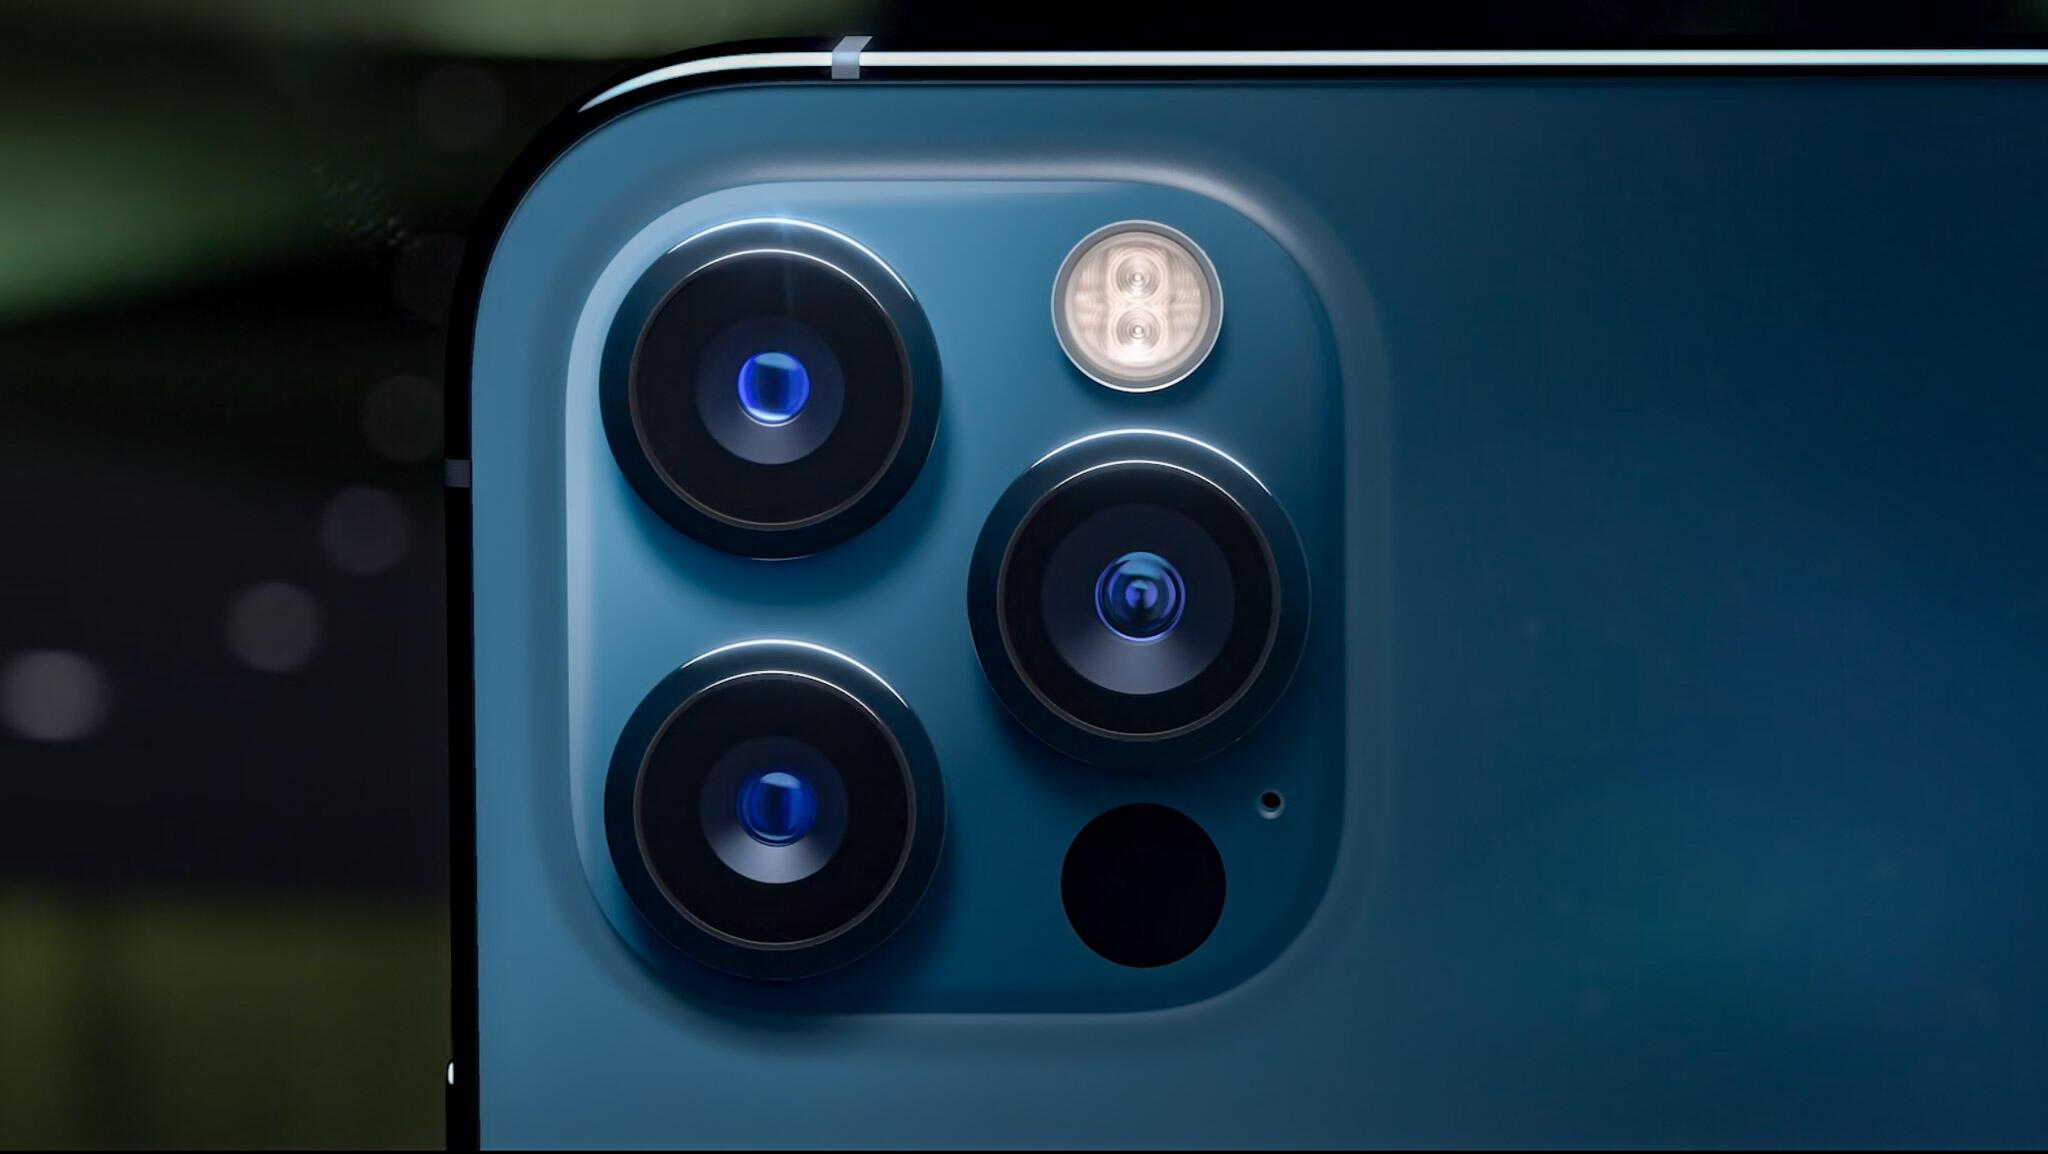 Cách để bạn tận dụng tối đa cụm camera trên iPhone 12 Pro và iPhone 12 Pro Max